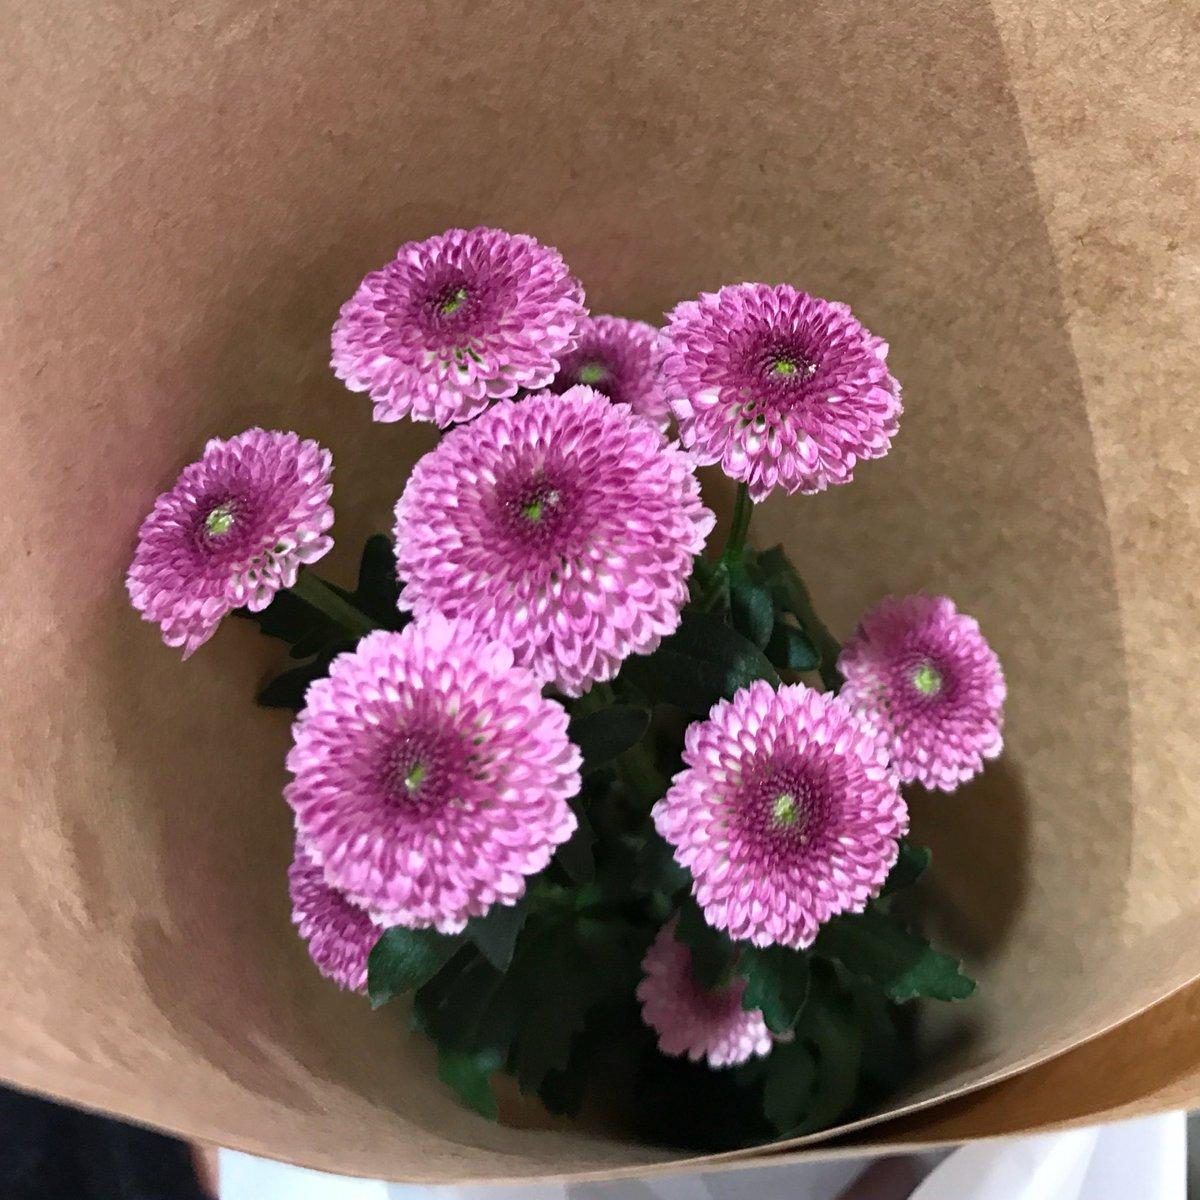 今日の『月曜日1本花を買おう』はこれ。キク科の『カリメロ』という花らしい。なんとなーく惹かれたので買ってみたー。